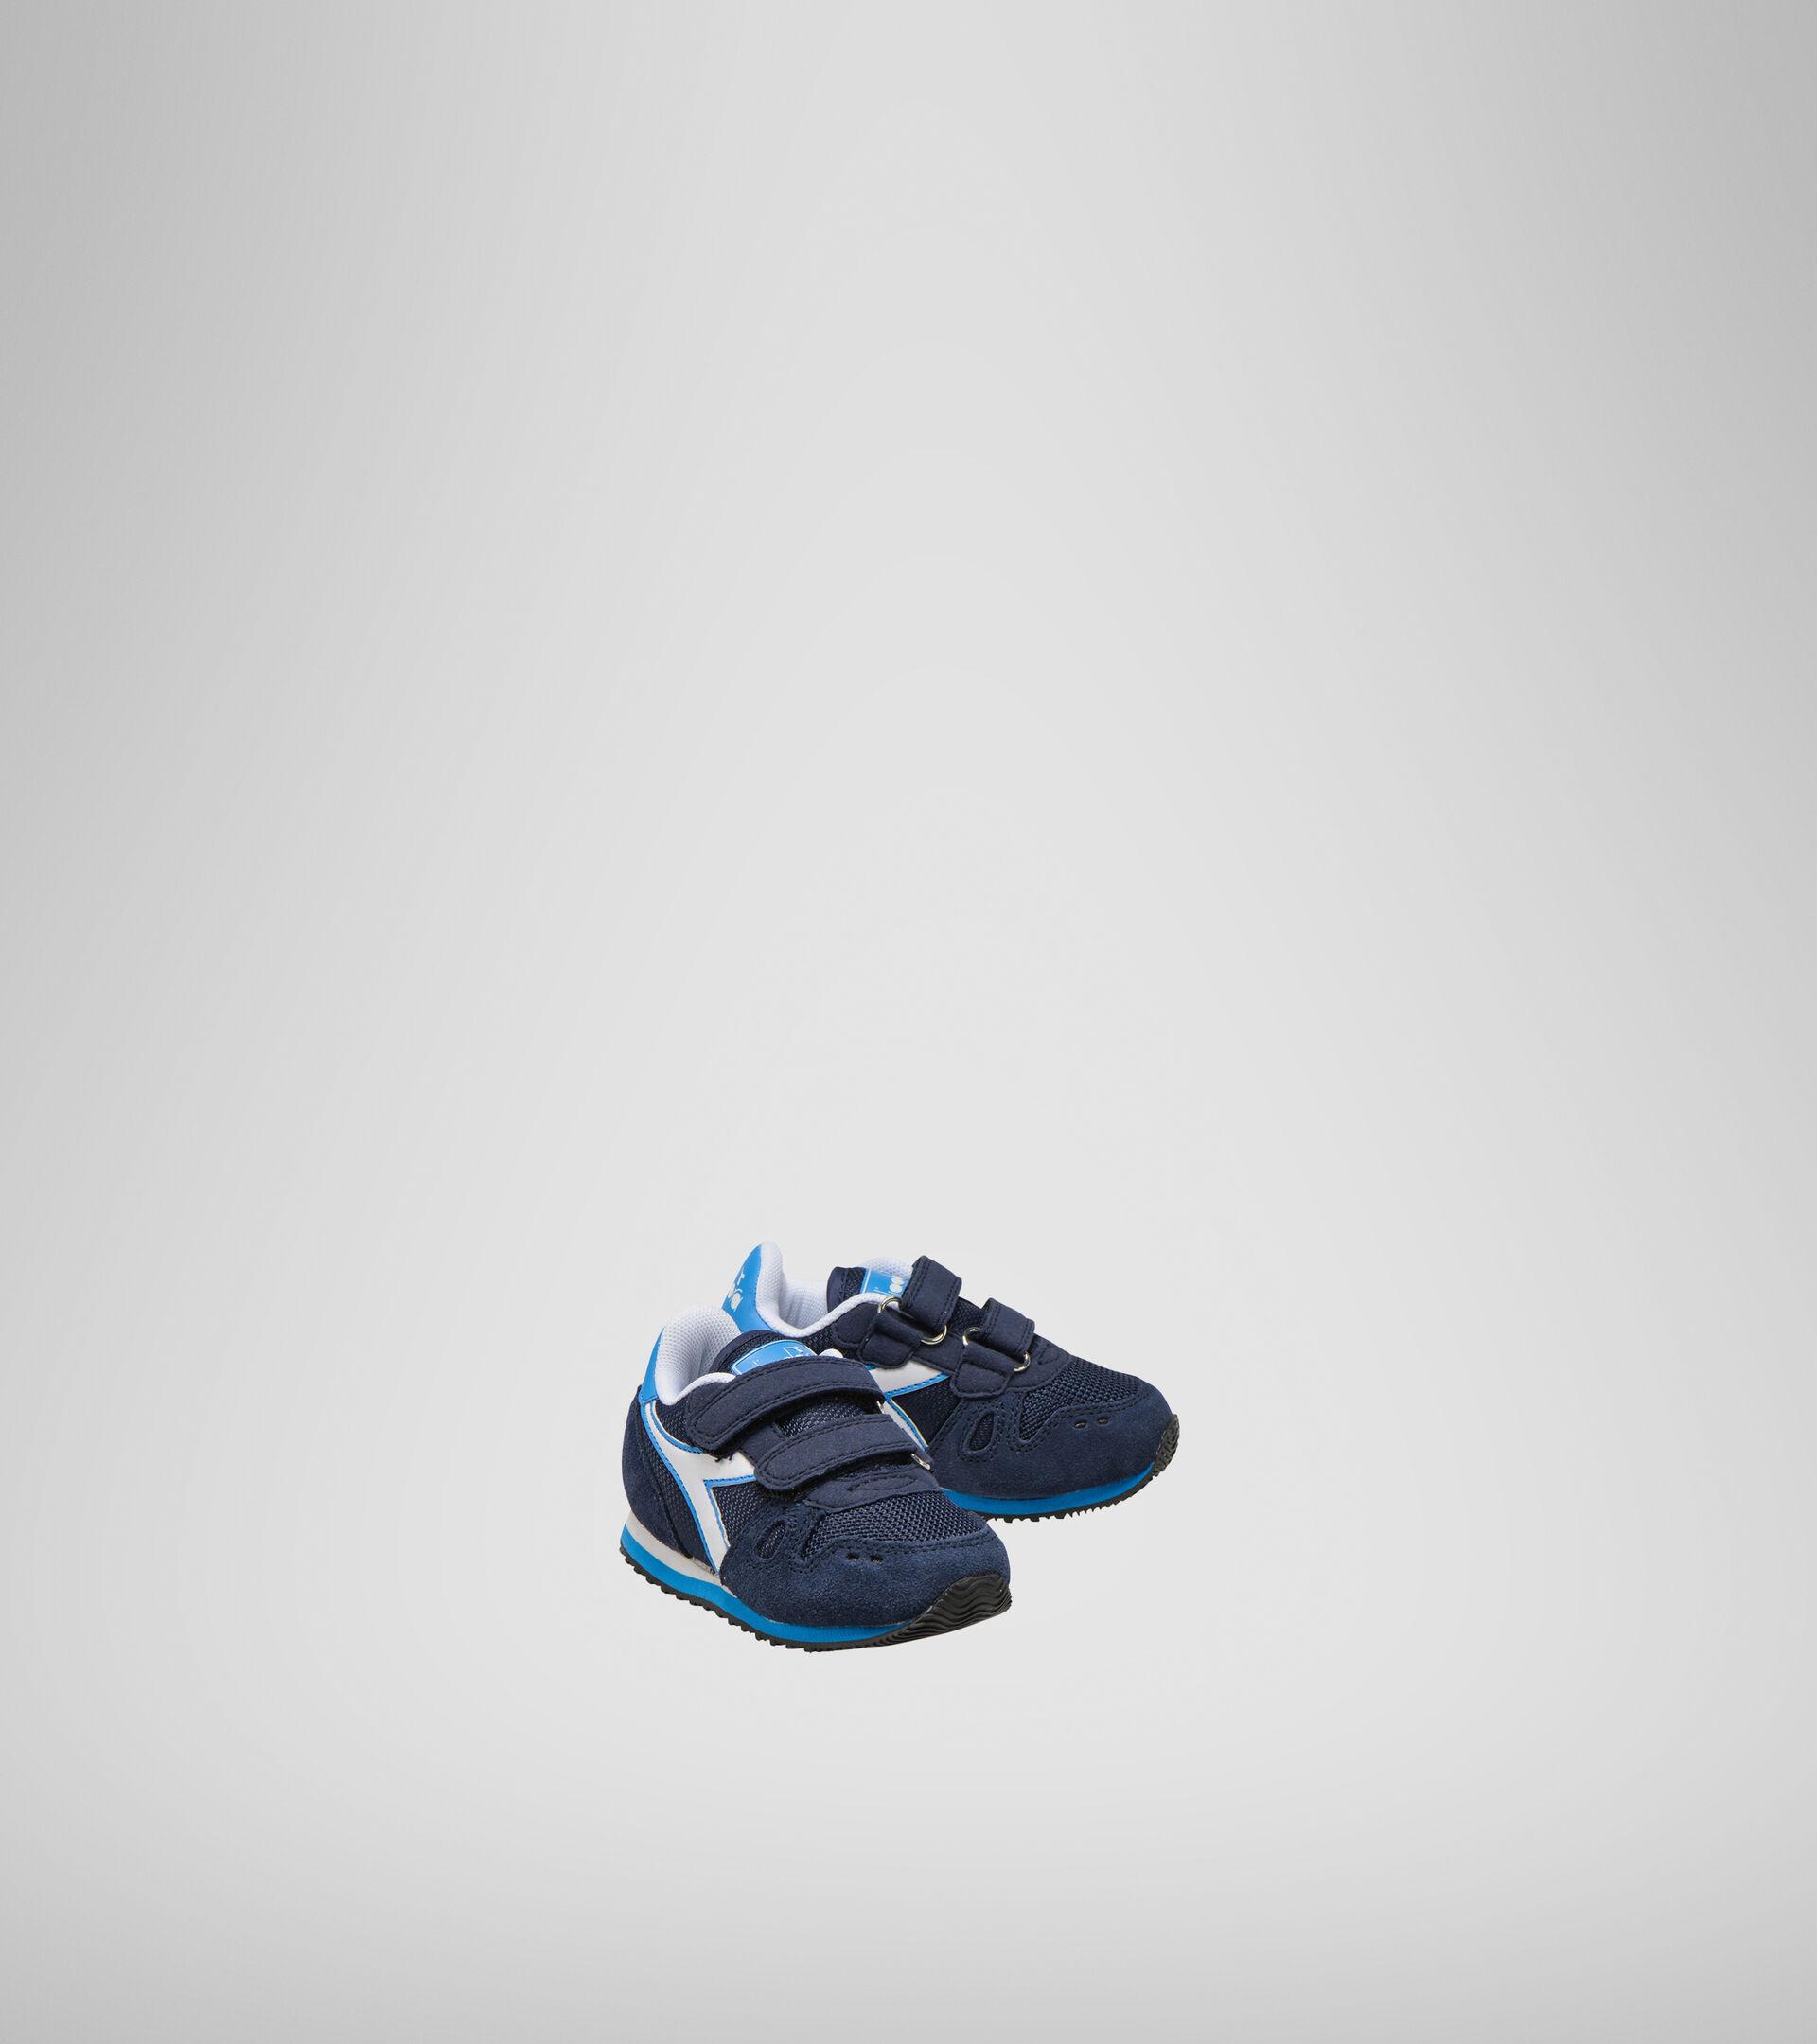 Zapatilla deportiva - Niños pequeños 1-4 años SIMPLE RUN TD BLU CORSARO/AZZURRO ALLEGRO - Diadora